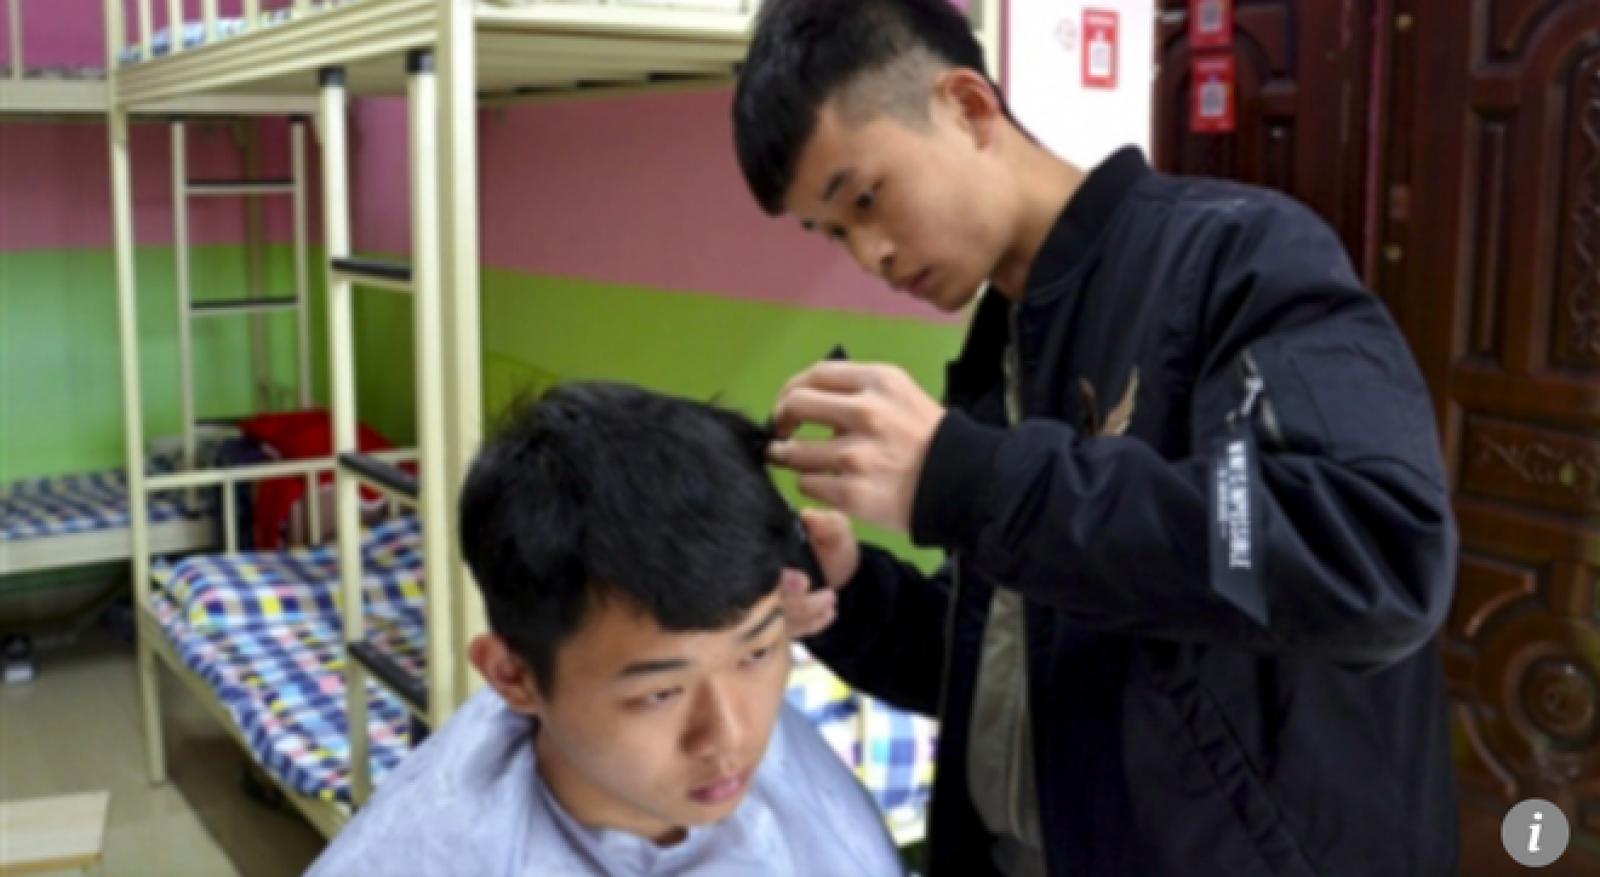 Đinh Duy Kiệt đang cắt tóc cho 1 vị khách hàng tại ký túc xá của trường (Ảnh: Sina)